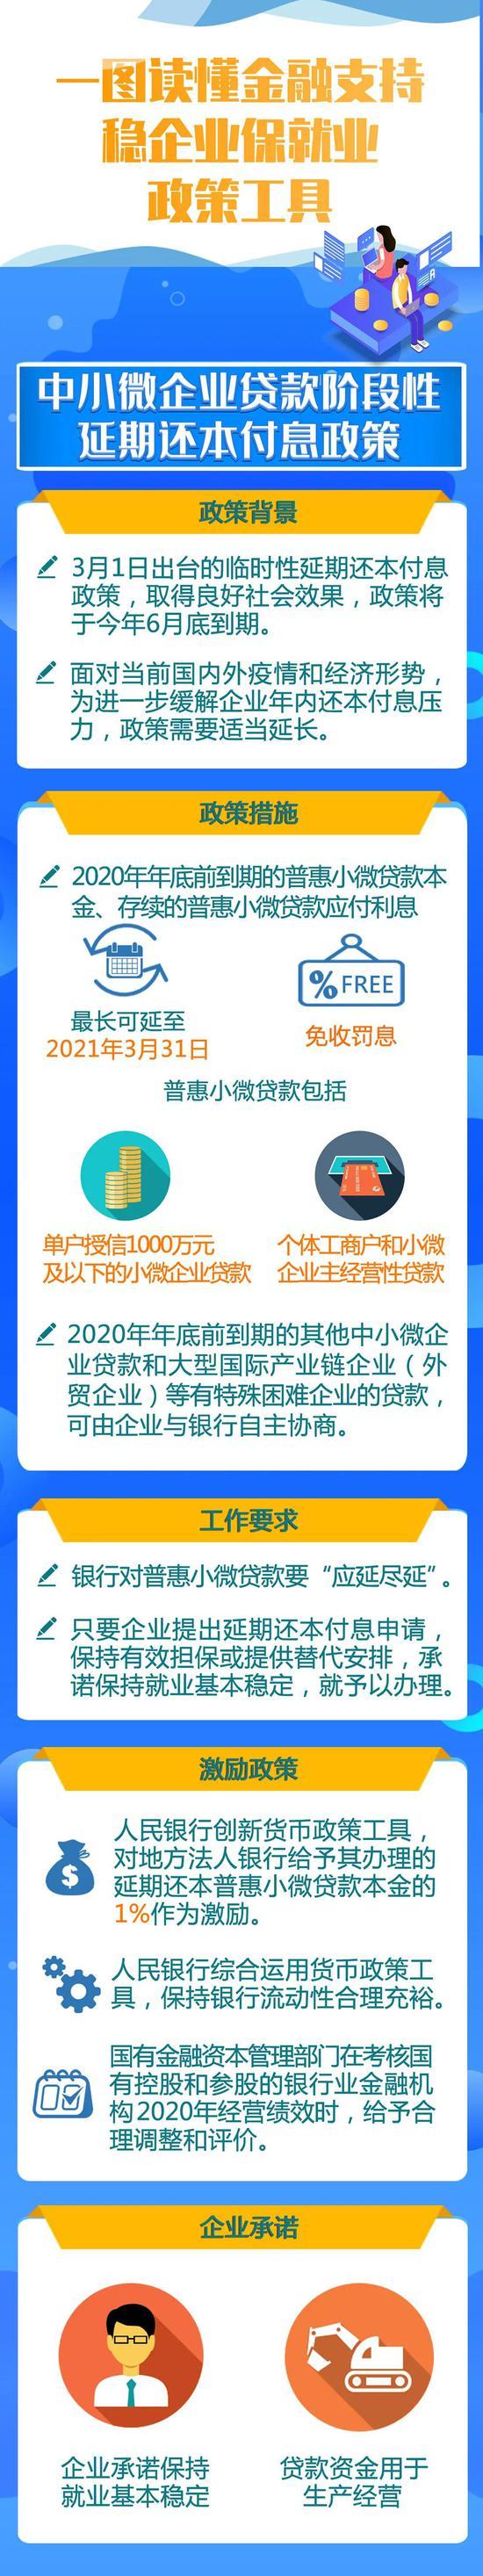 一图读懂金融支持稳企业保就业政策工具_香港回归后的繁荣